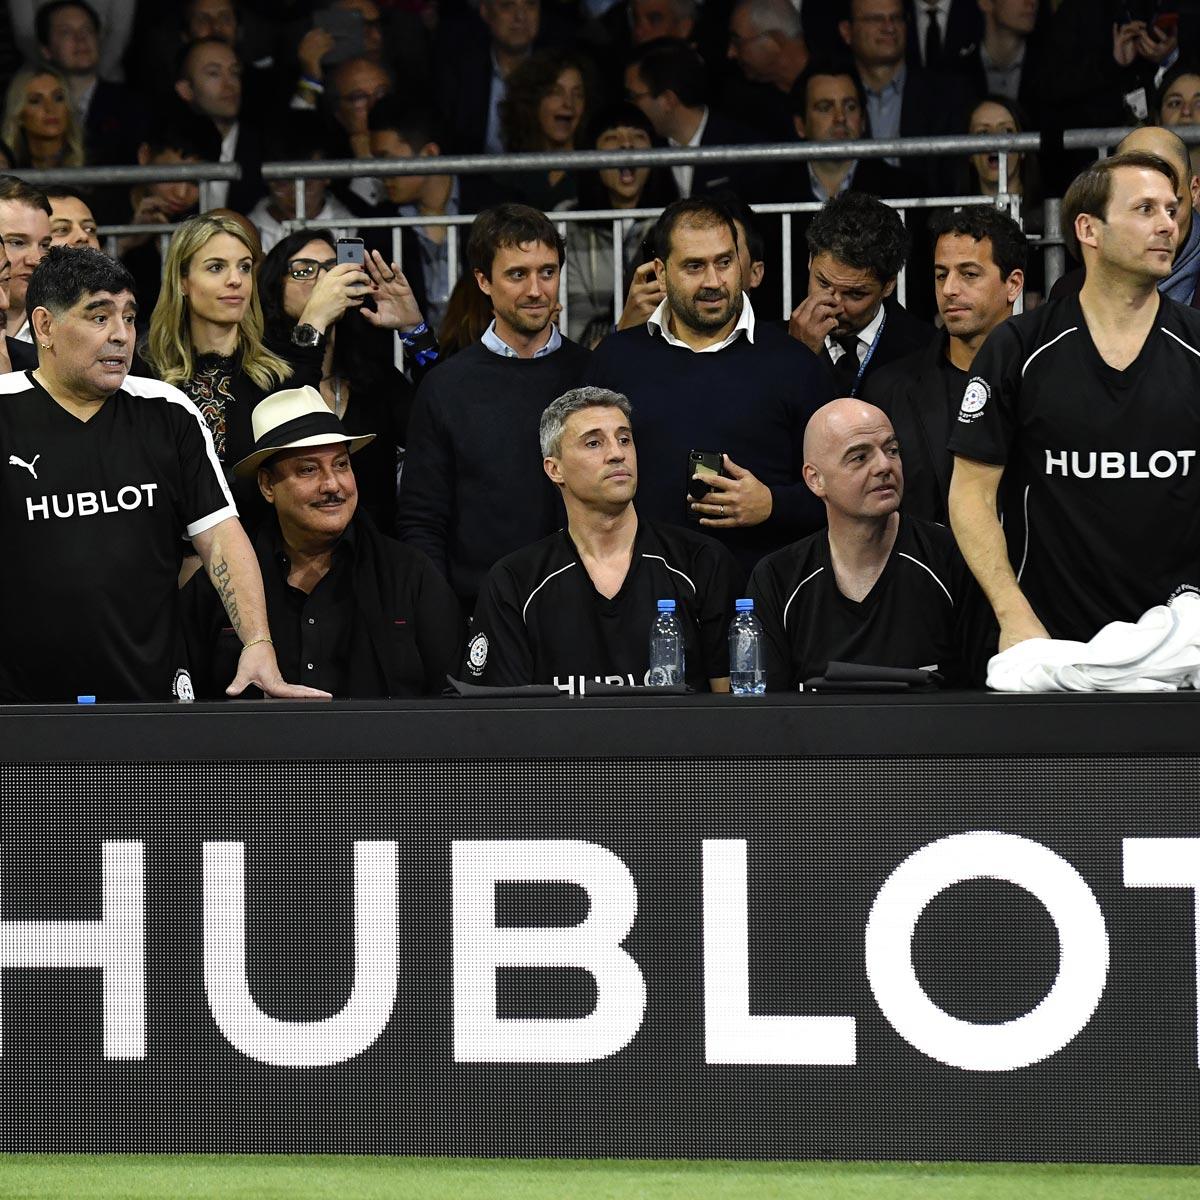 La Cote des Montres : Photo - Usain Bolt, Diego Maradona et José Mourinho se réunissent pour un match de l'amitié